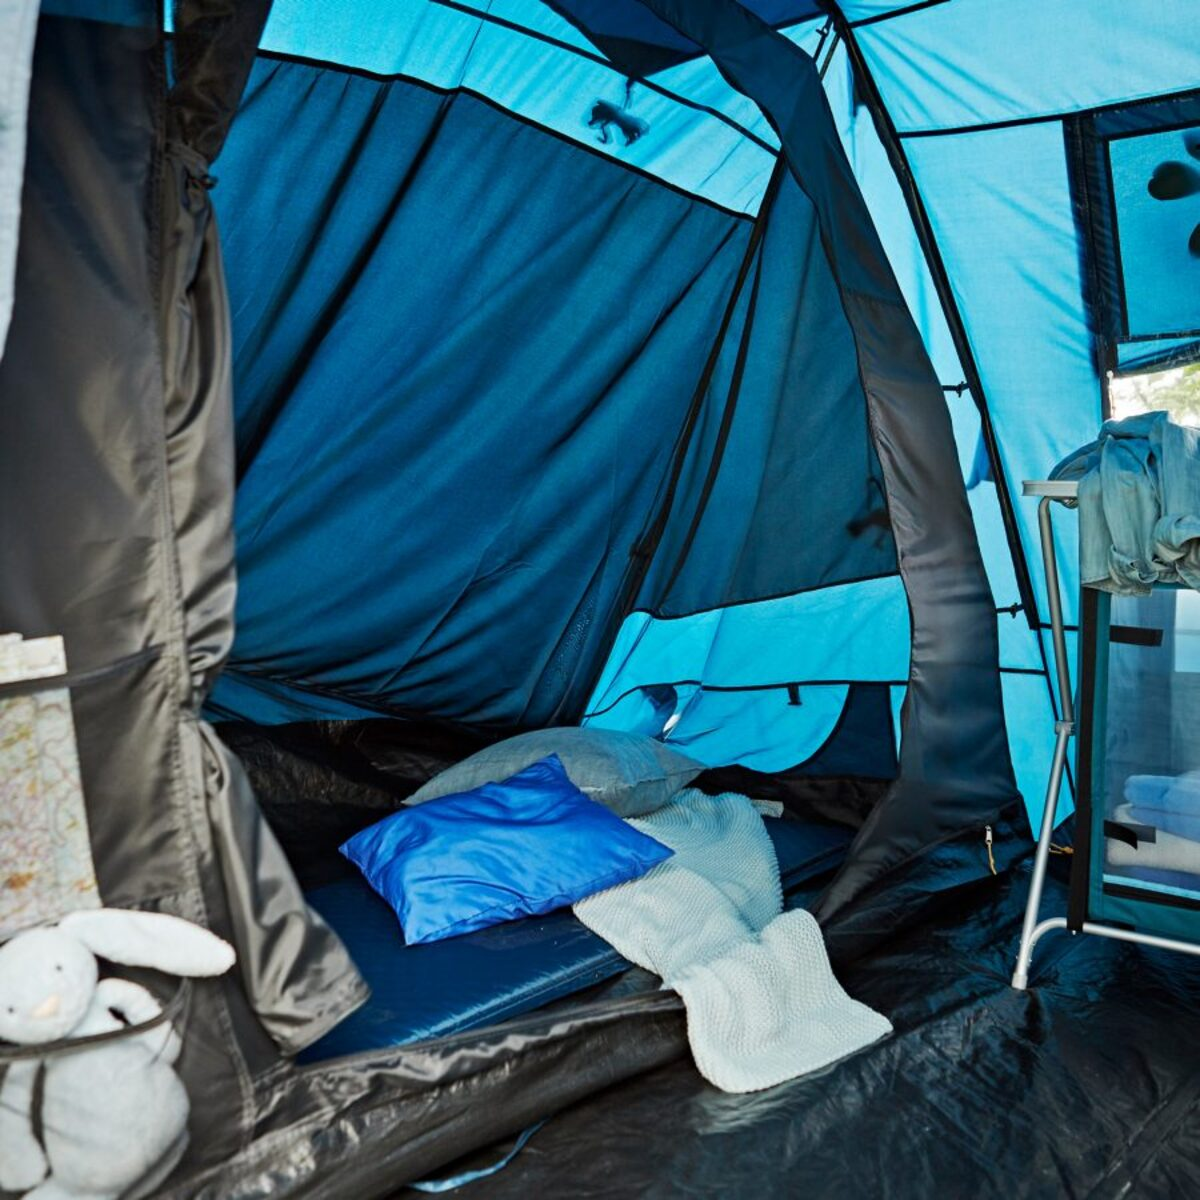 Bild 4 von ADVENTURIDGE     4-Personen-Großraumzelt